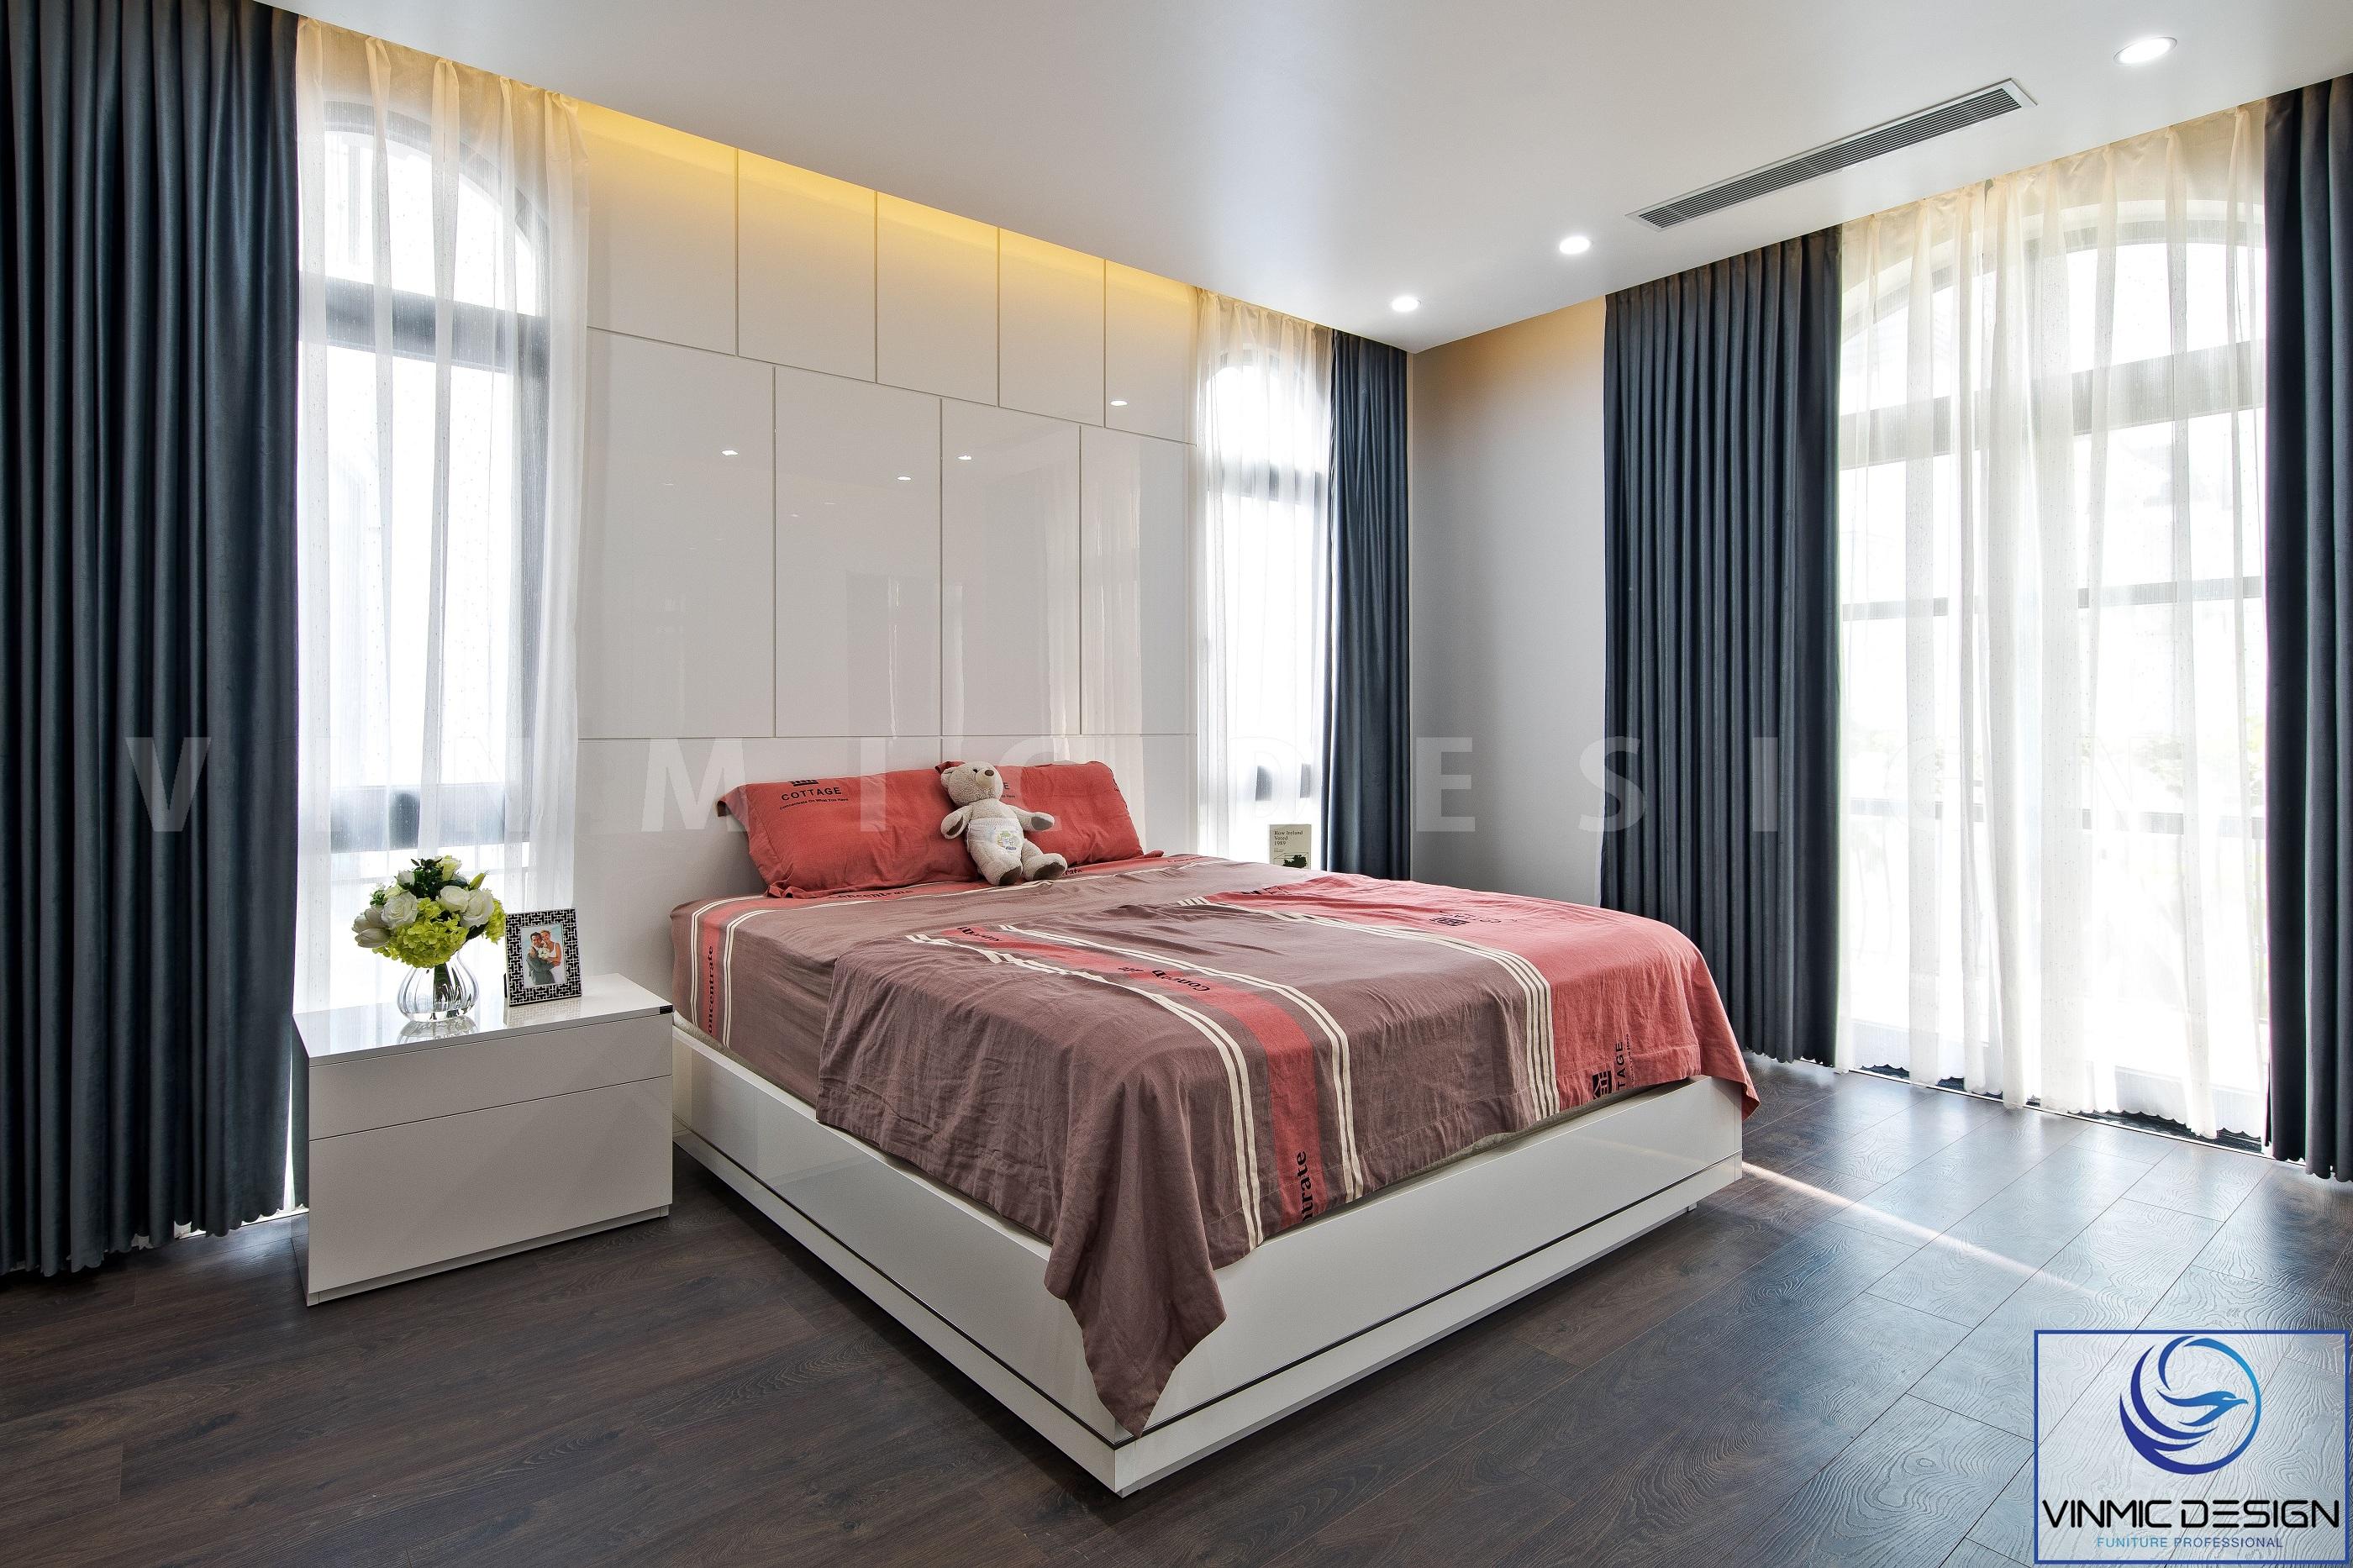 Phòng ngủ được thi công đơn giản, gọn gàng